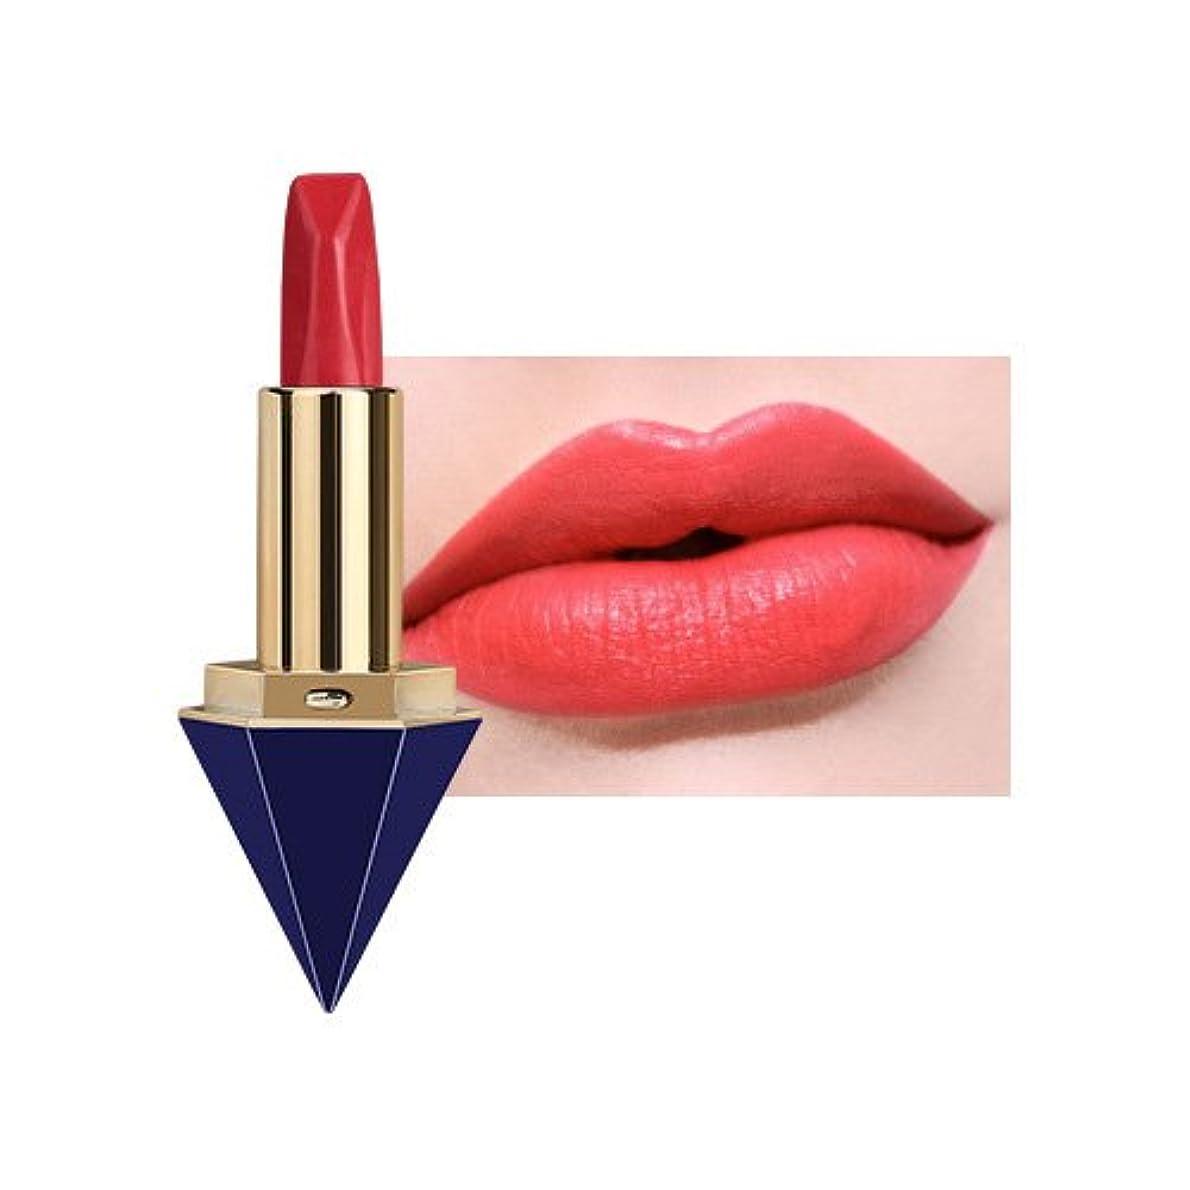 もし独裁準備Doitsa リップグロス 液体リップ 口紅 メイク 唇 美容 化粧 防水 明るい マット スムース 魅力 多彩 防水 人気 おしゃれ レディース